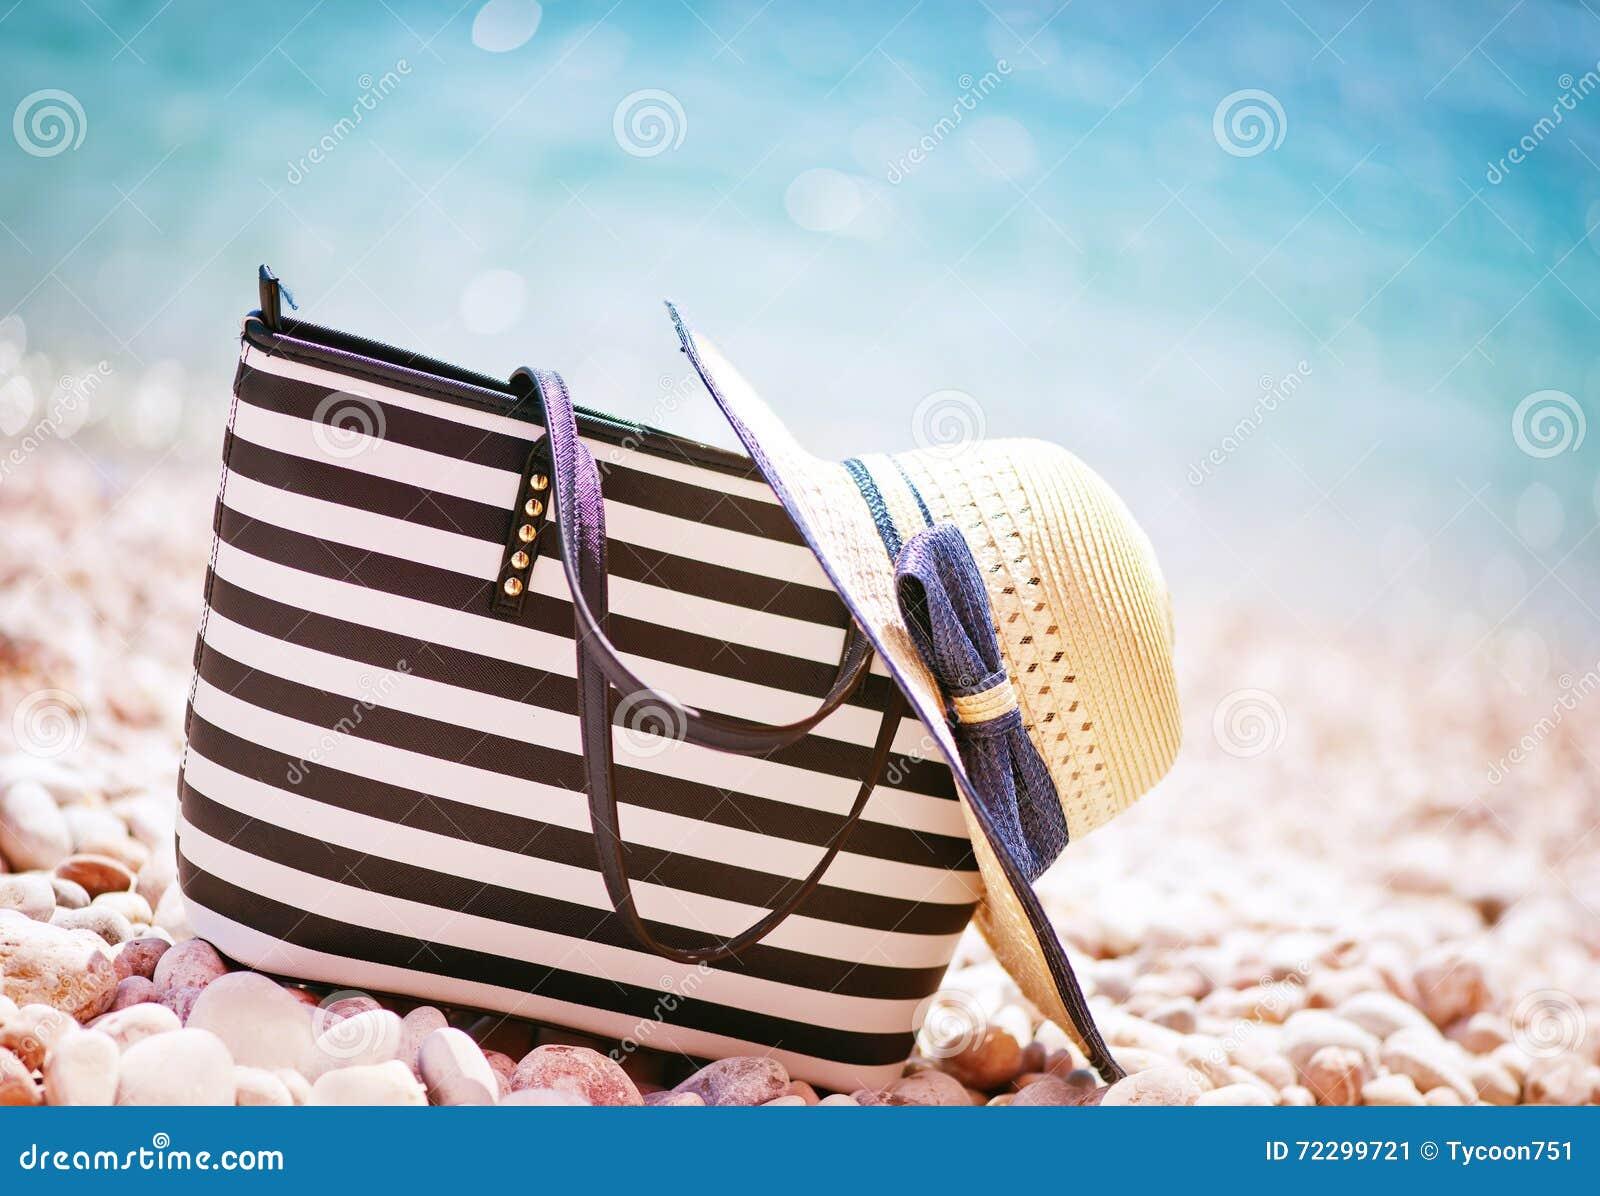 Download Предпосылка лета стоковое изображение. изображение насчитывающей романтично - 72299721